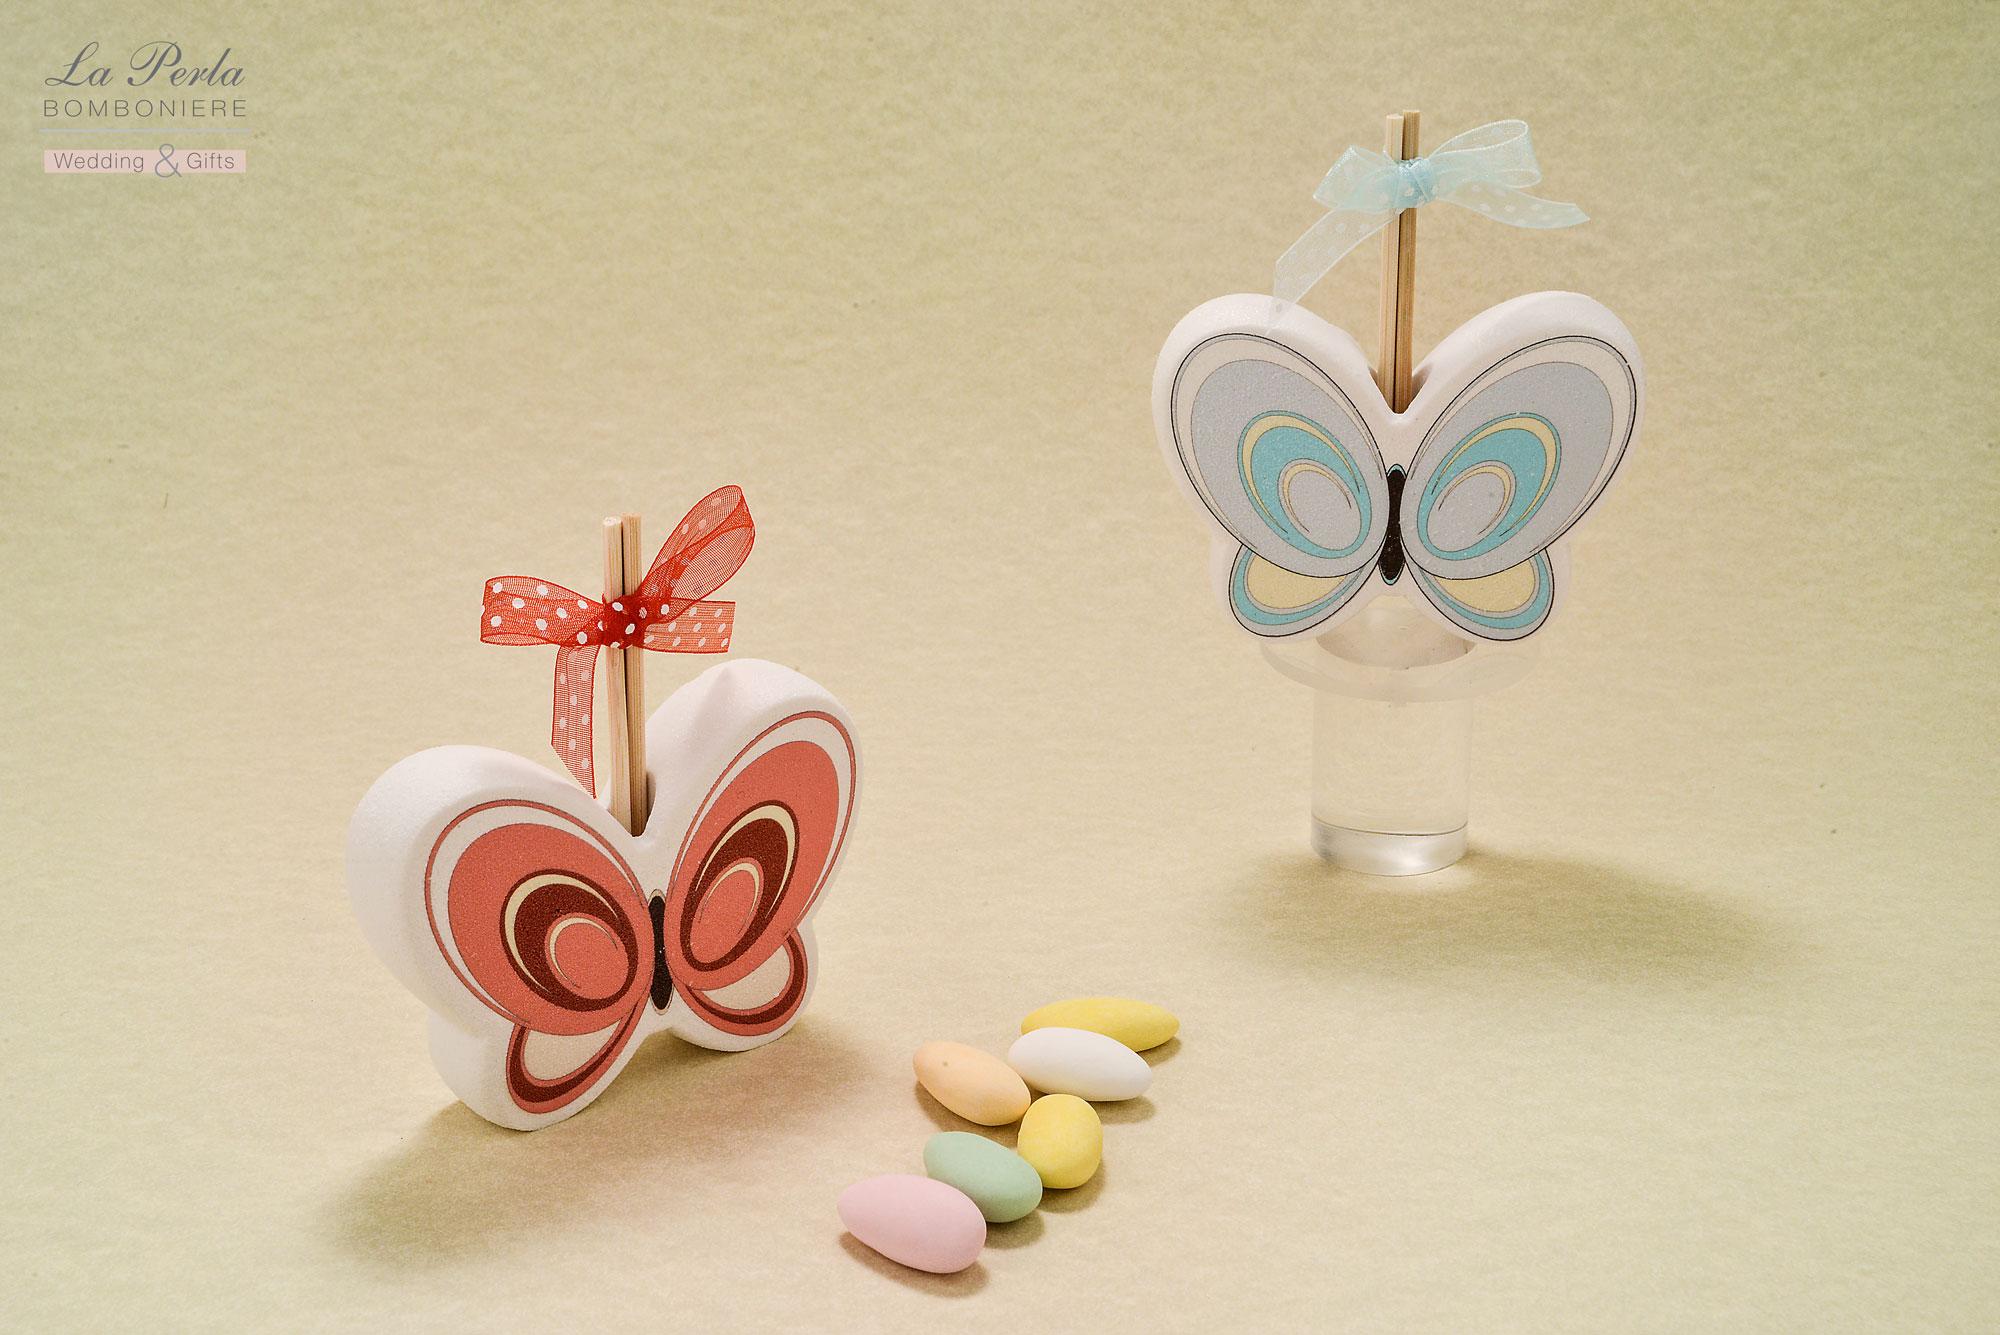 Farfalle colorate come Profumatore per ambiente, in polvere di marmo di Carrara ricomposto. Colori che richiamano la bellezza e vivacità di un prato fiorito. Made in Italy.